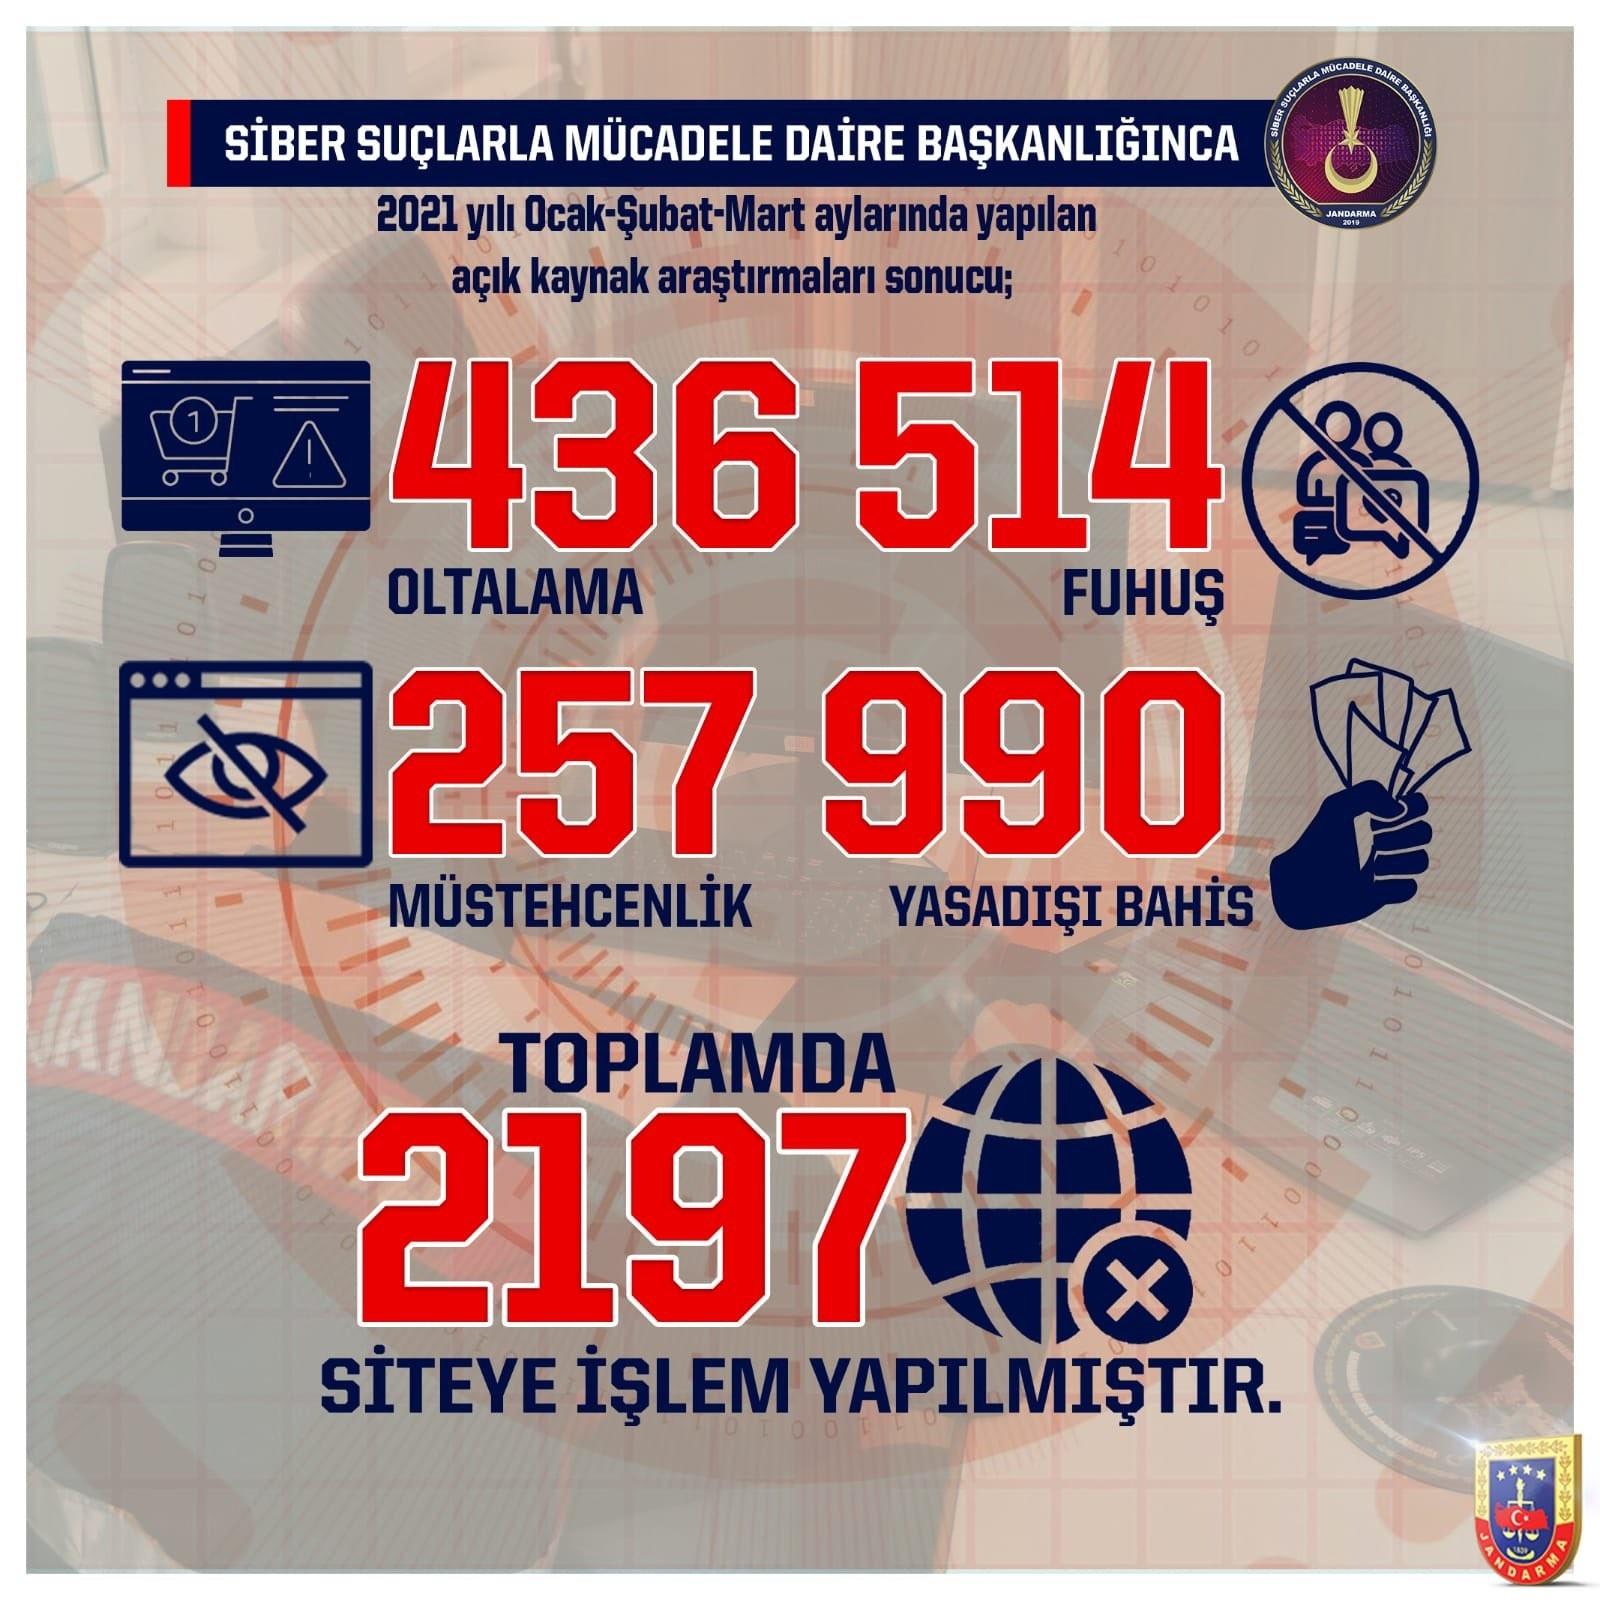 Jandarma Genel Komutanlığı 2 bin 197 site hakkında işlem yaptı